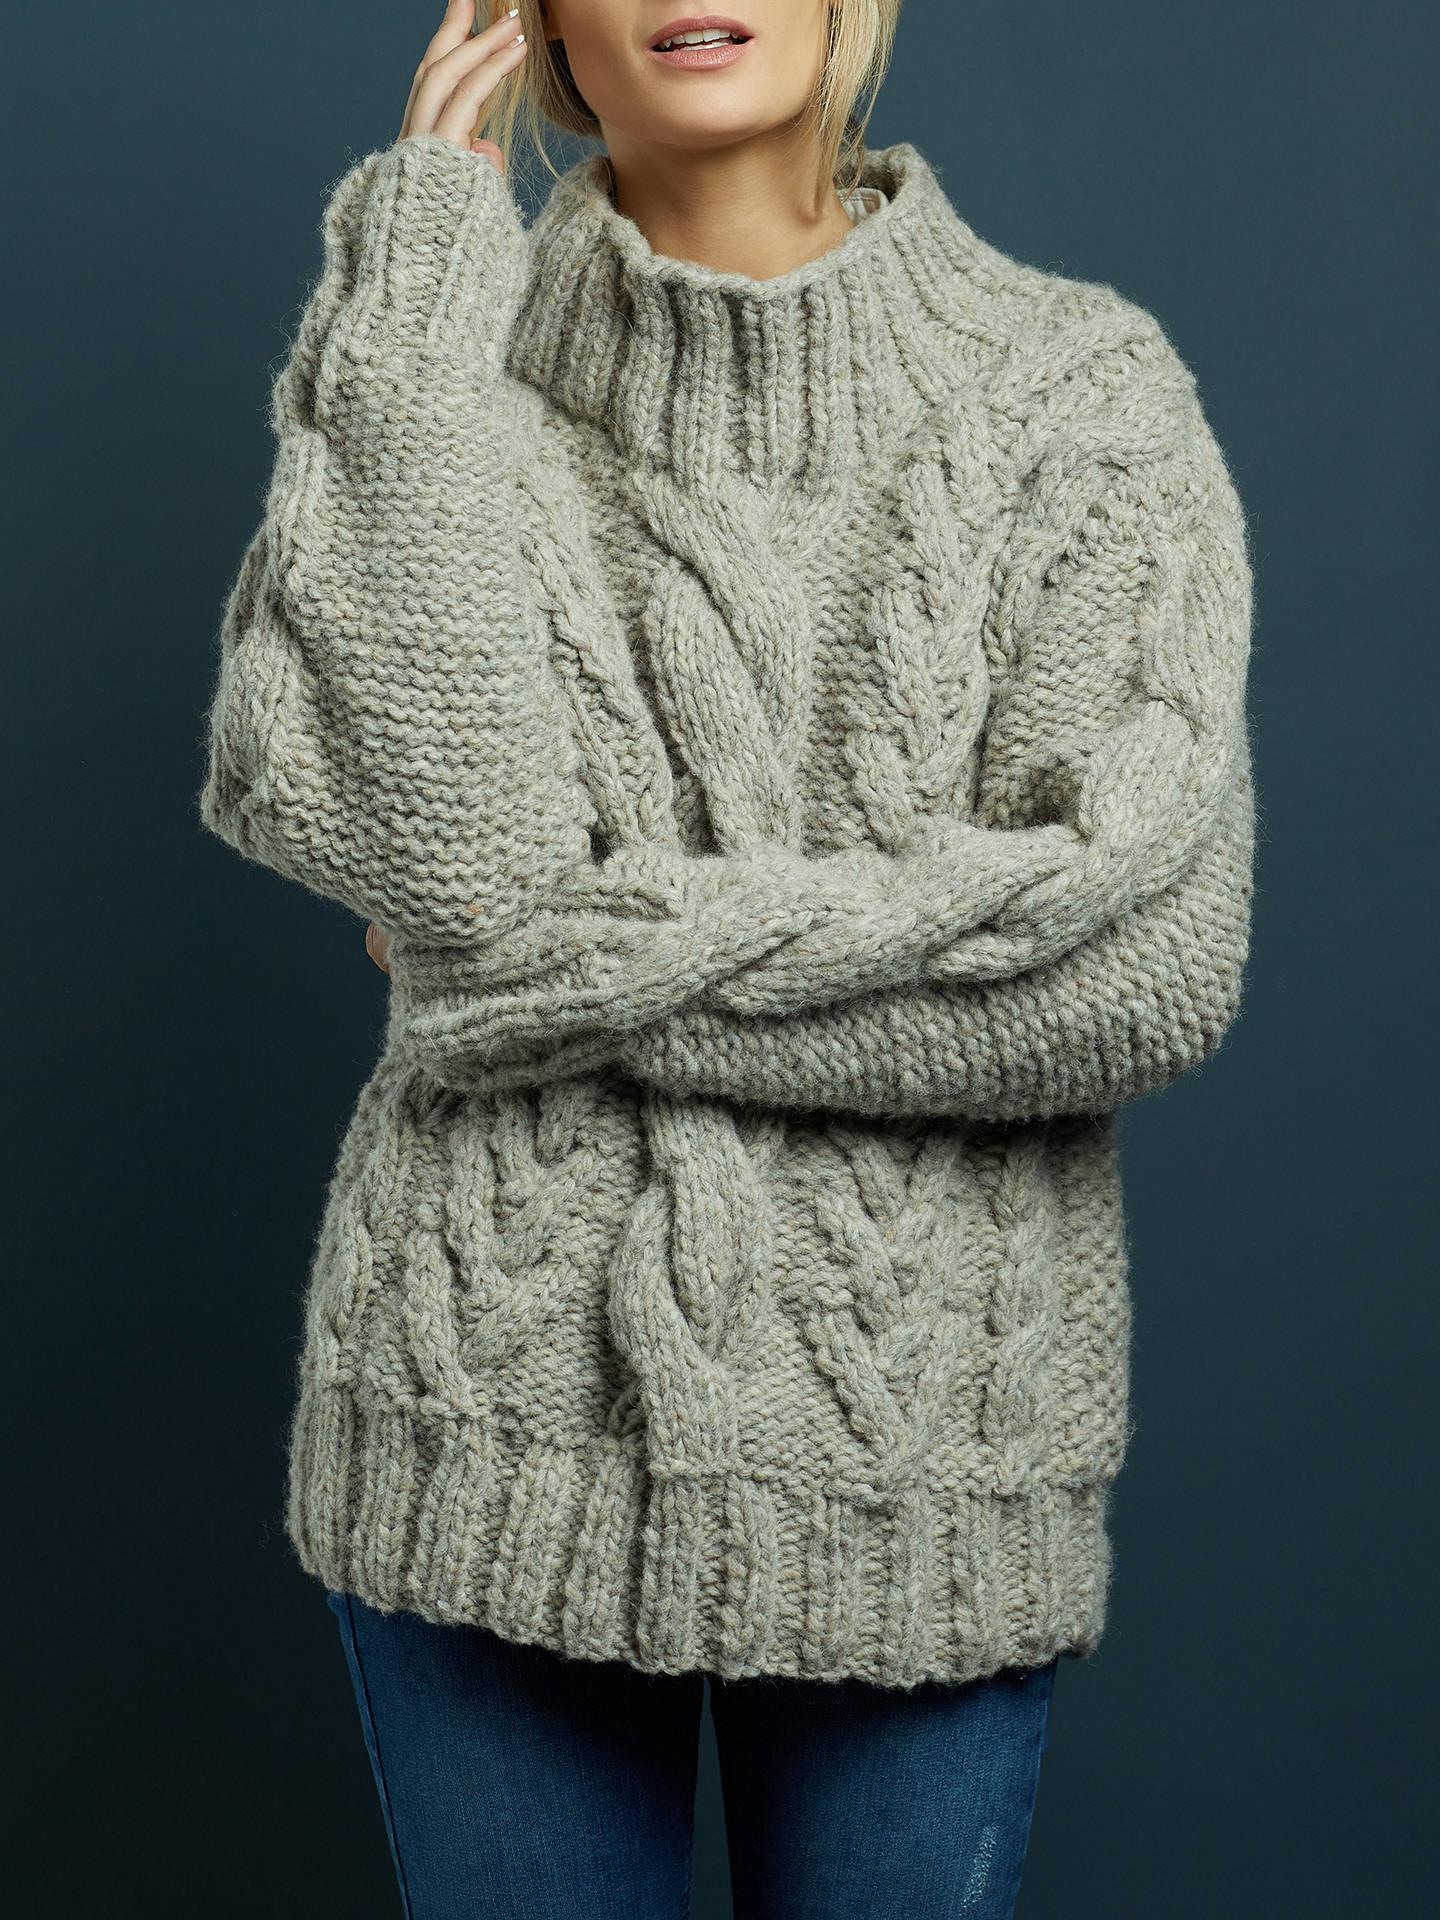 Rowan Chunky Knits by Quail Studio Knitting Pattern Book ...